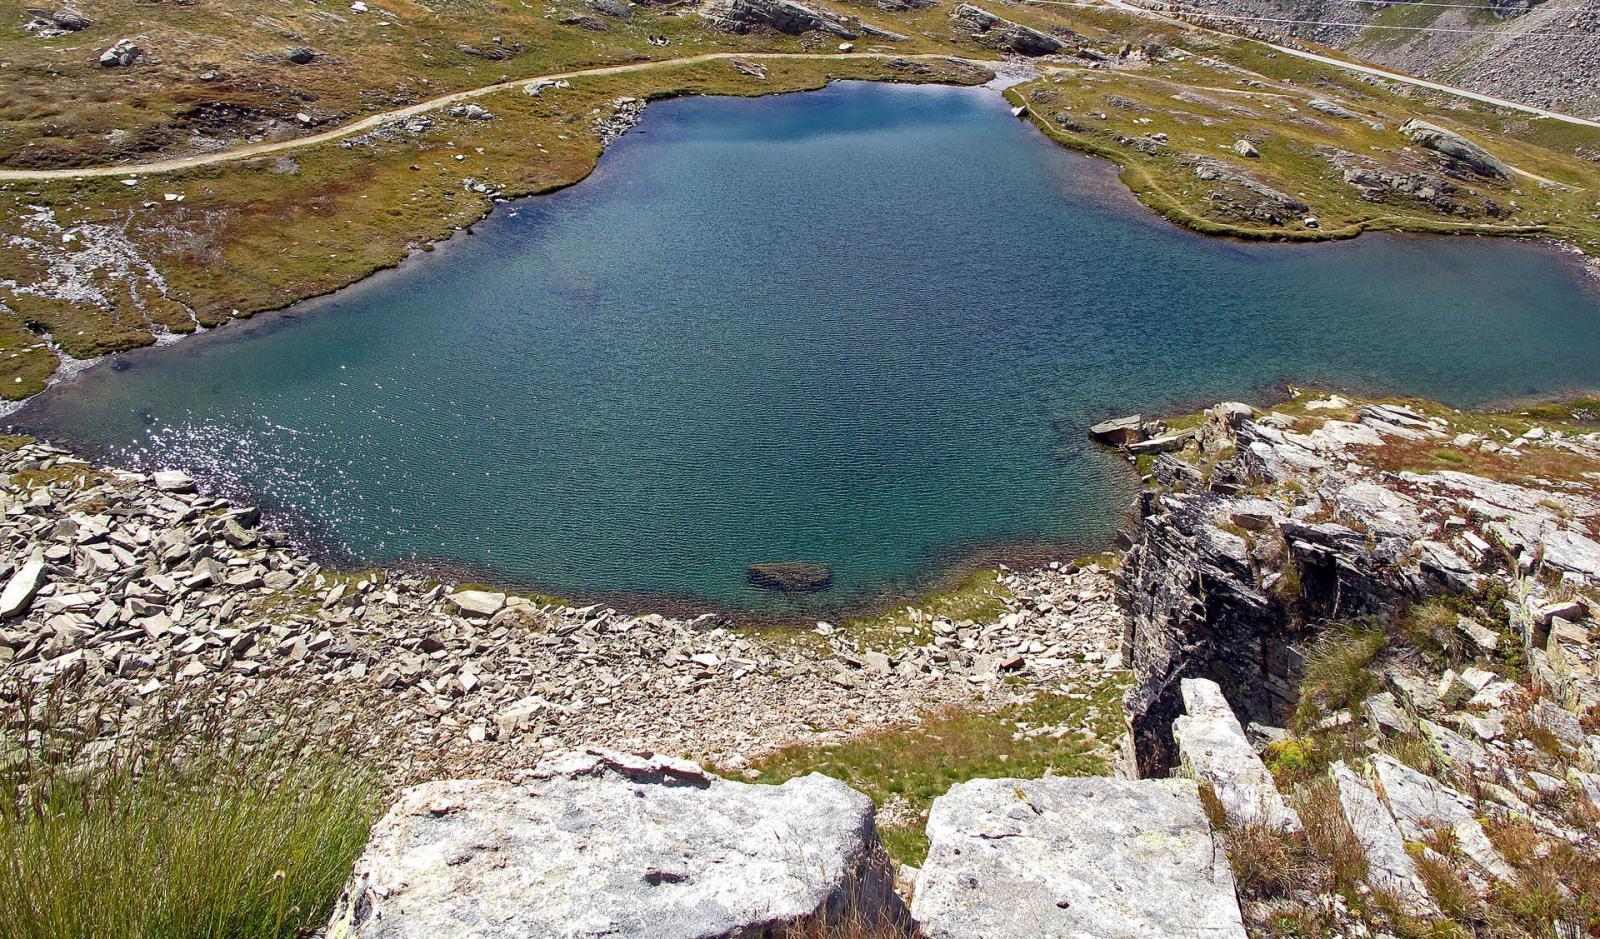 Lago q. 2461 a pochi minuti dall'auto